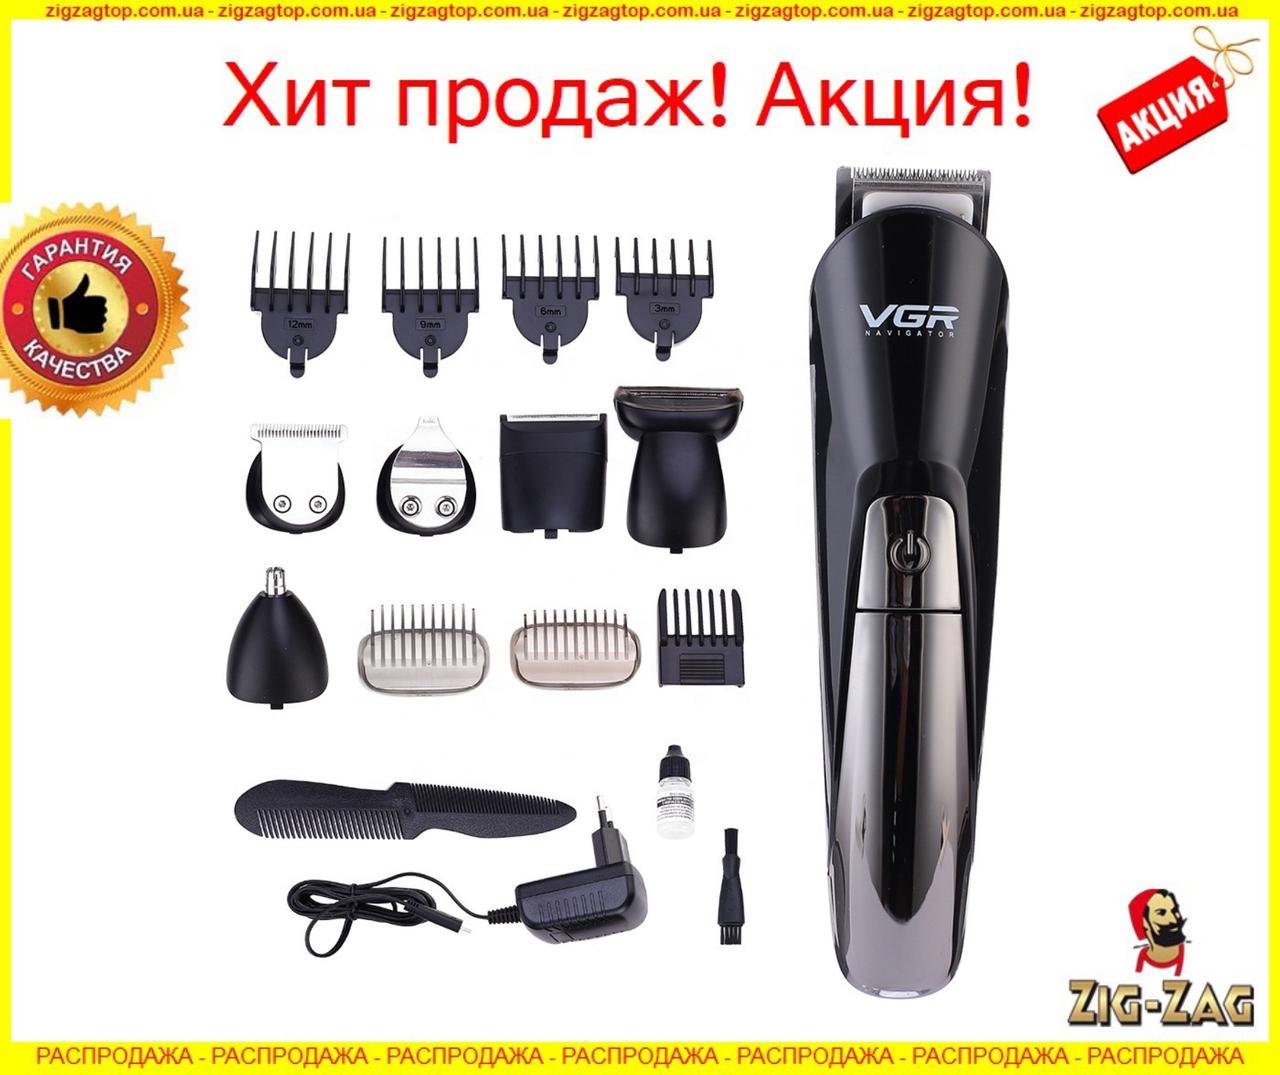 Триммер набор Машинка VGR V-012 6 в 1 Чёрный V012 для стрижки волос для Бороды и носа Аккумуляторный тример